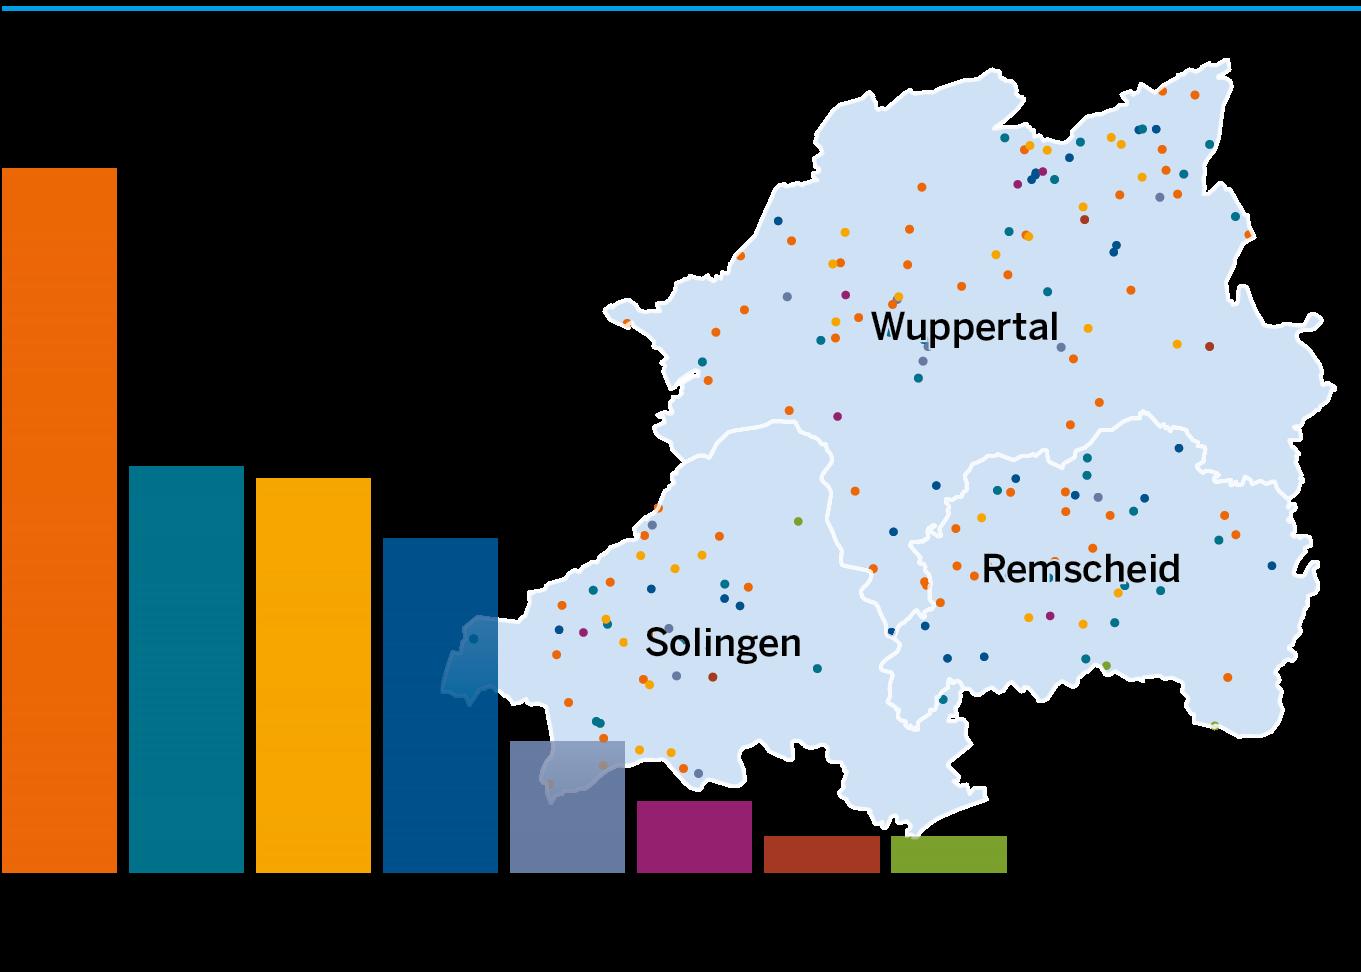 Die Grafik zeigt die Unternehmensdichte in den jeweiligen Teilmärkten der Umweltwirtschaft in einer Karte des Bergischen Städtedreiecks.